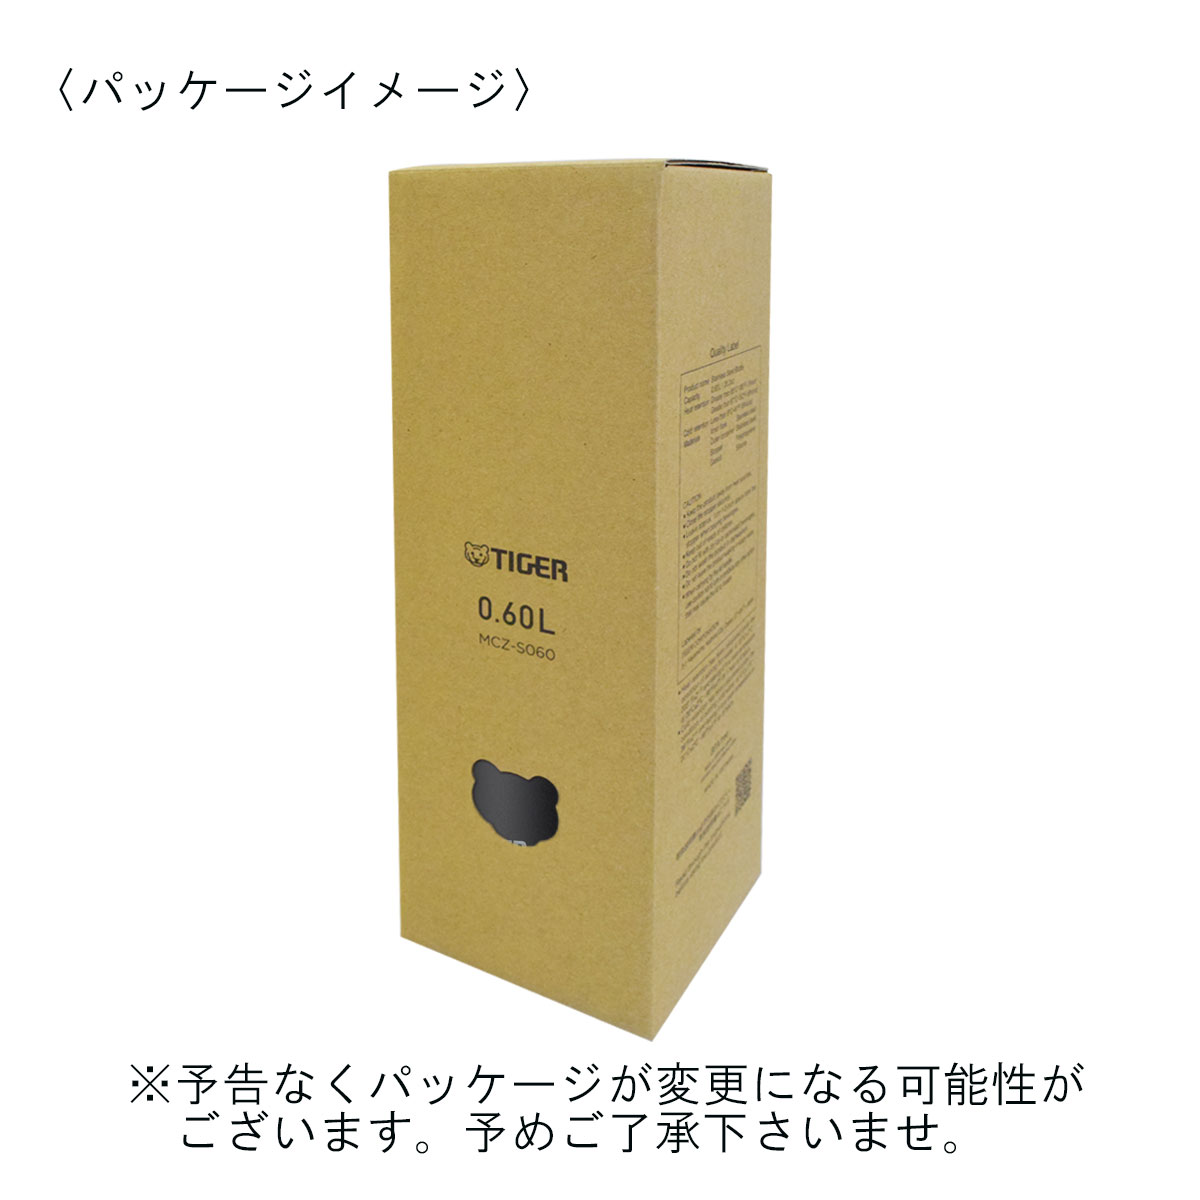 タイガー 真空断熱ステンレスボトル 600ml MCZ-S060